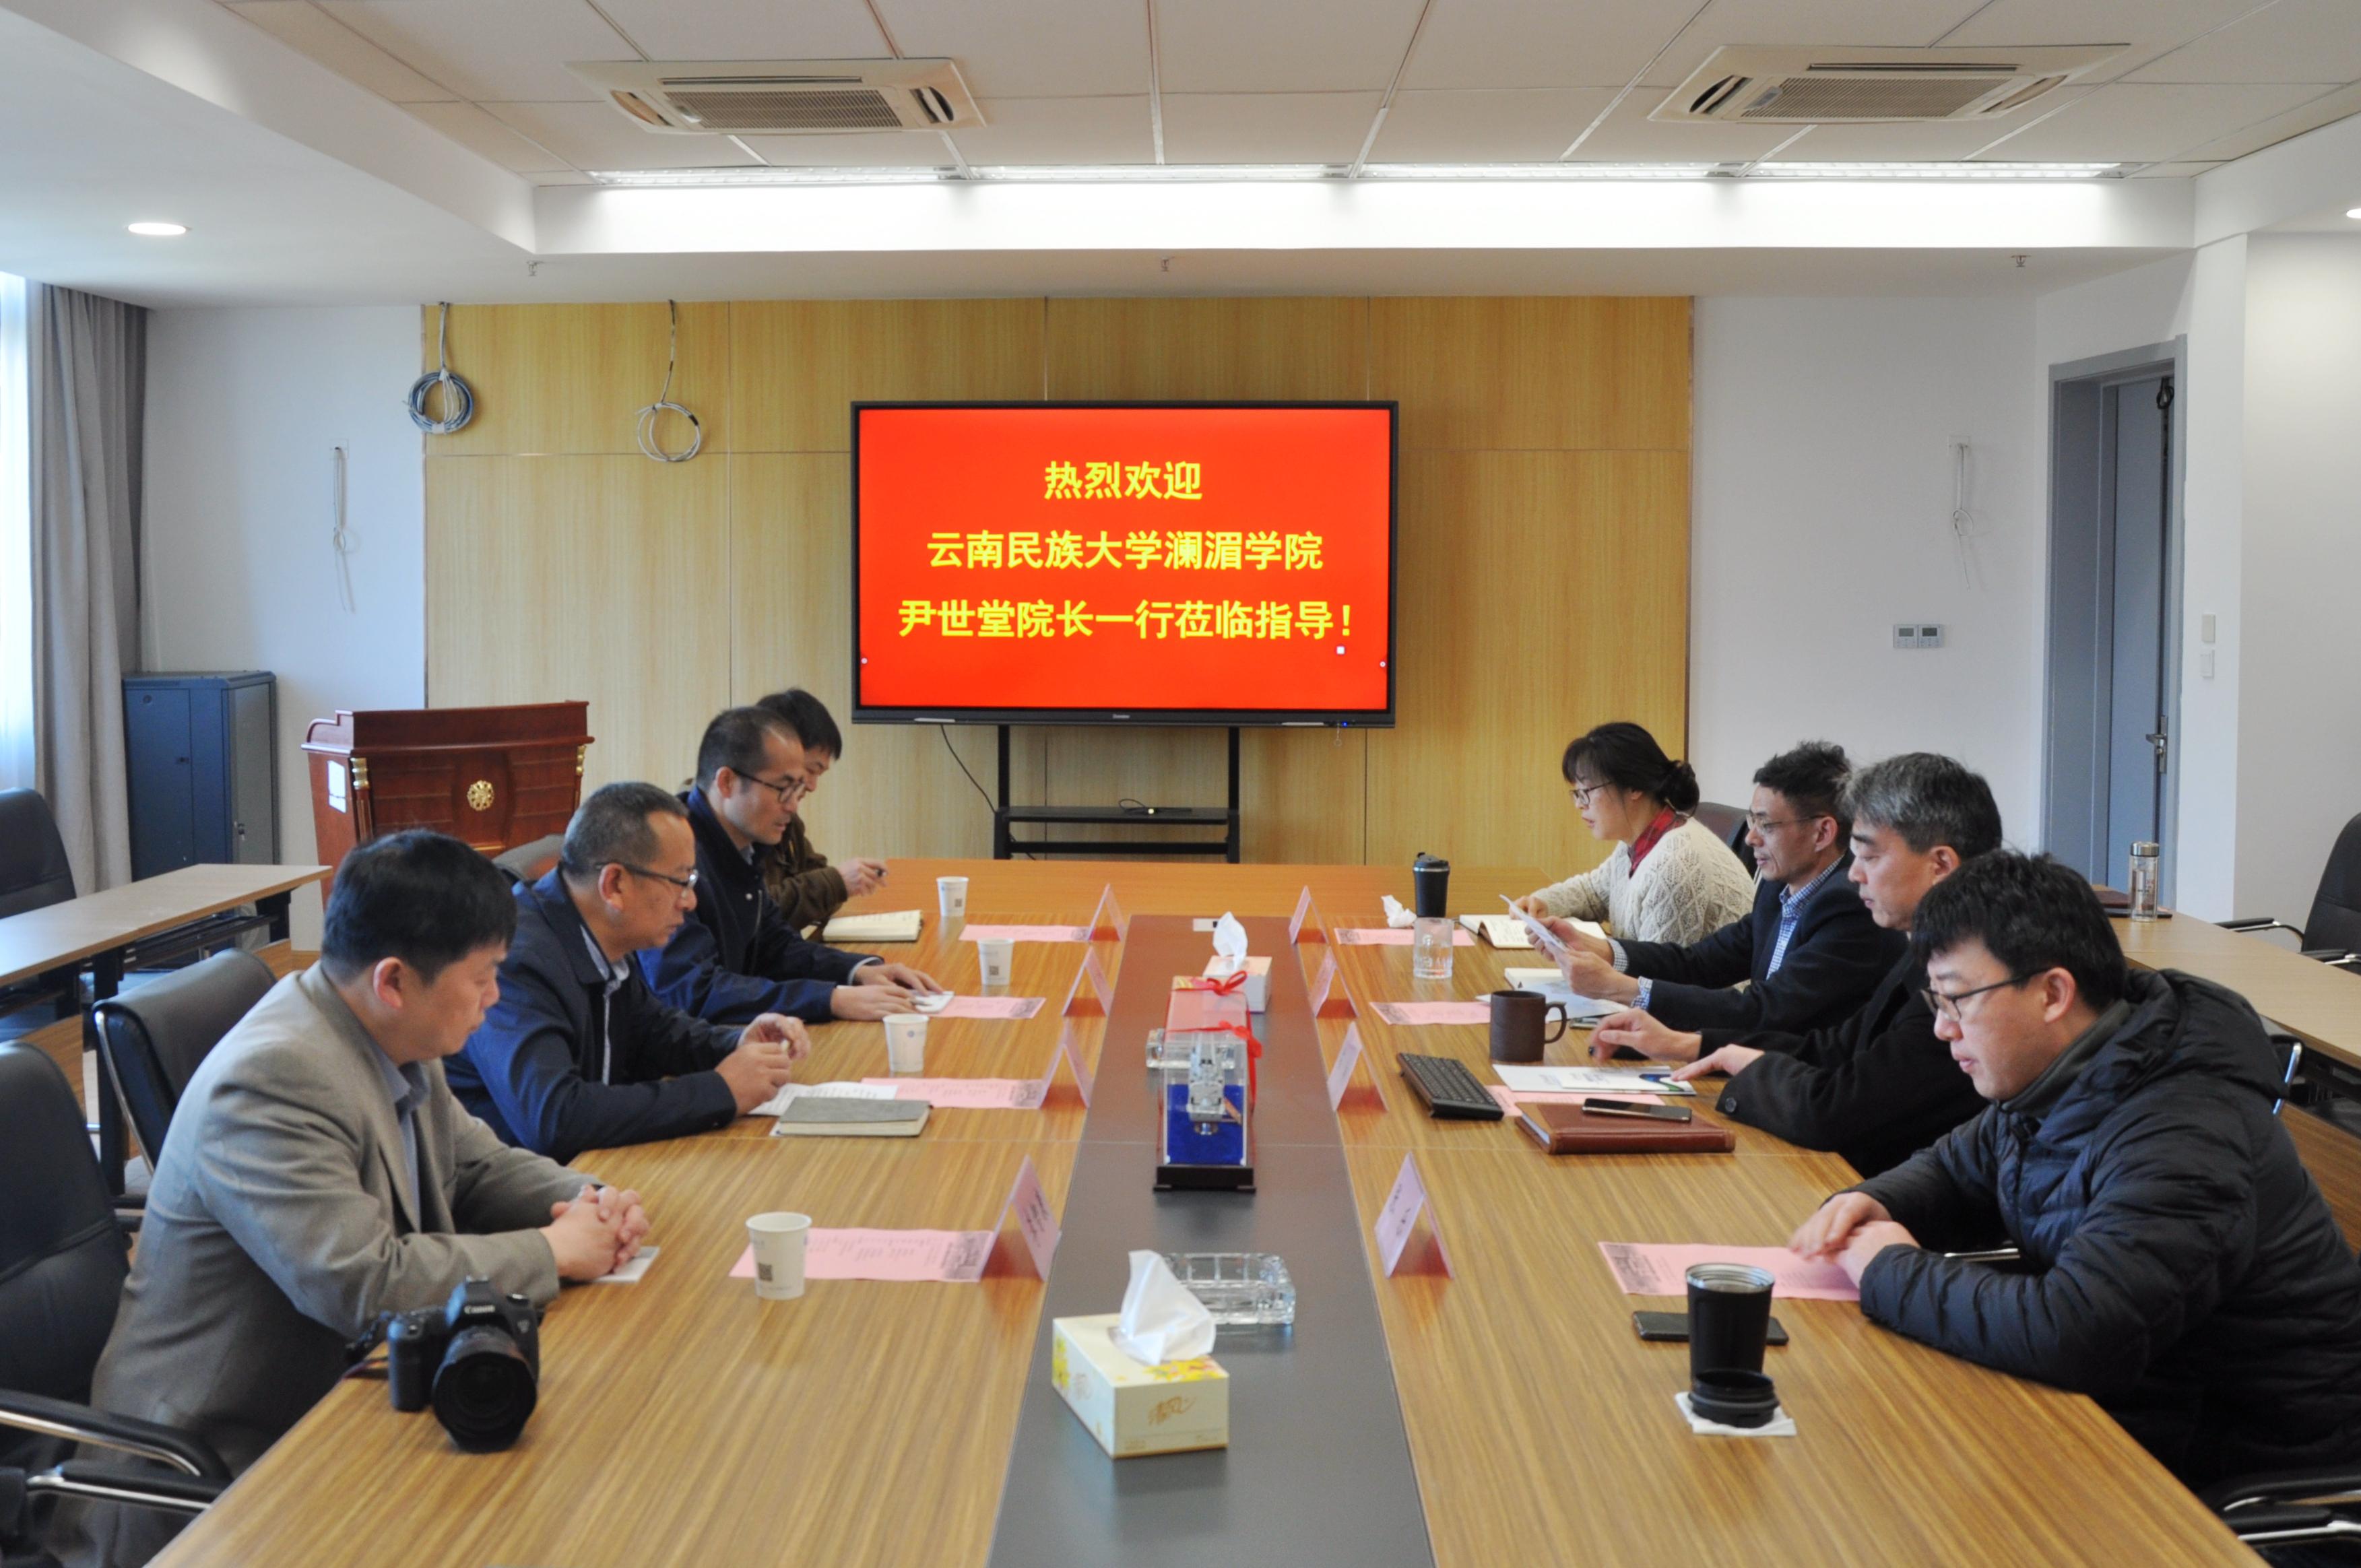 云南民族大学澜湄国际职业学院来访.jpg